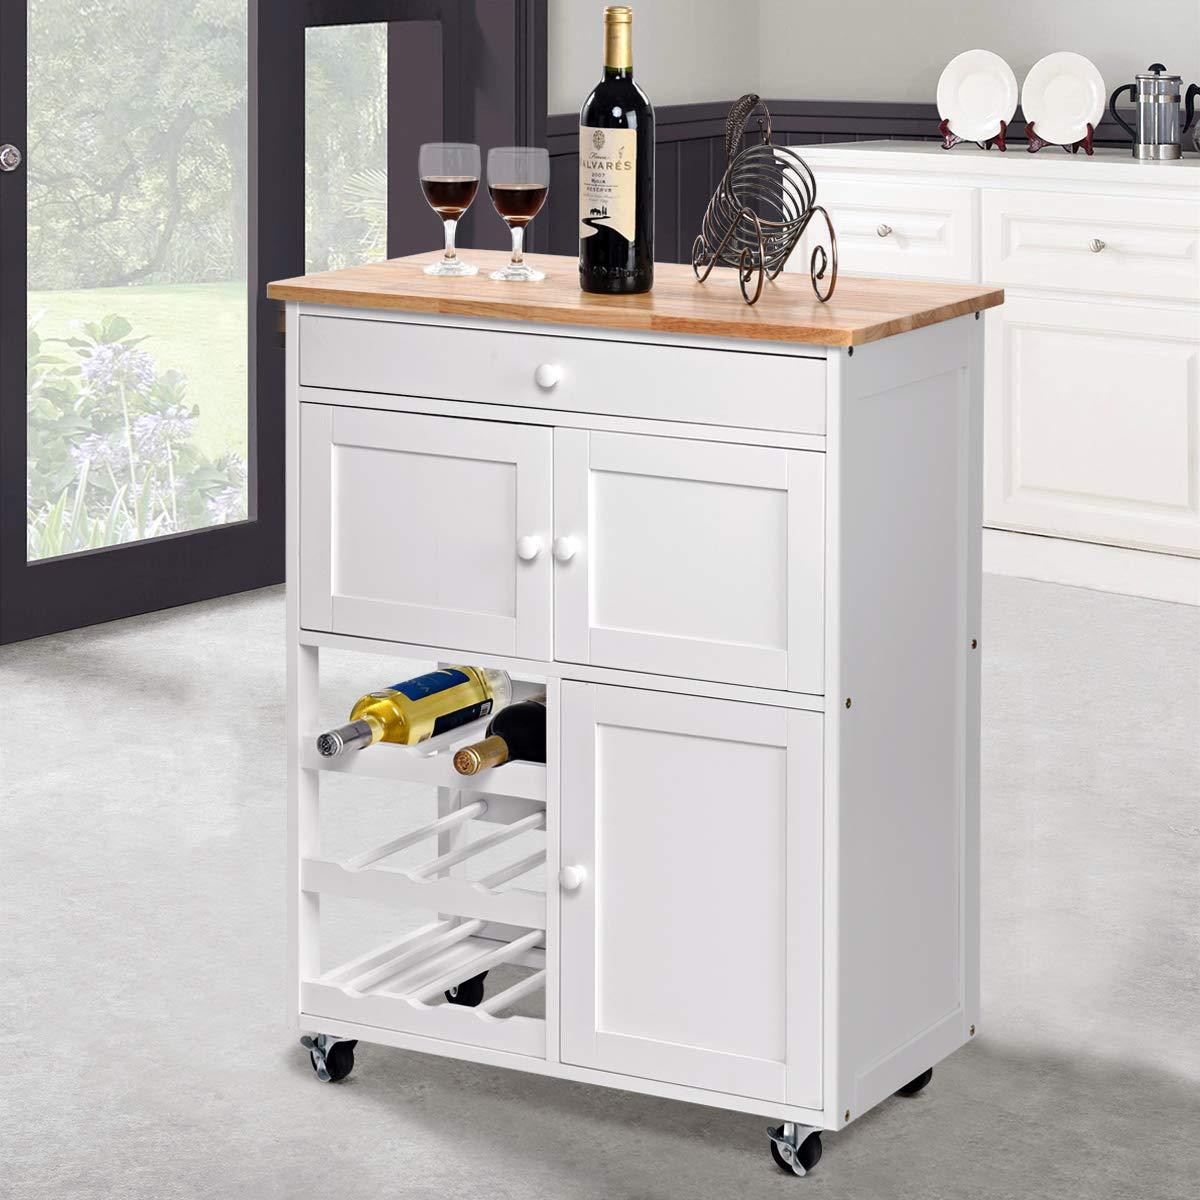 Küchenwagen weiß/Holz von COSTWAY